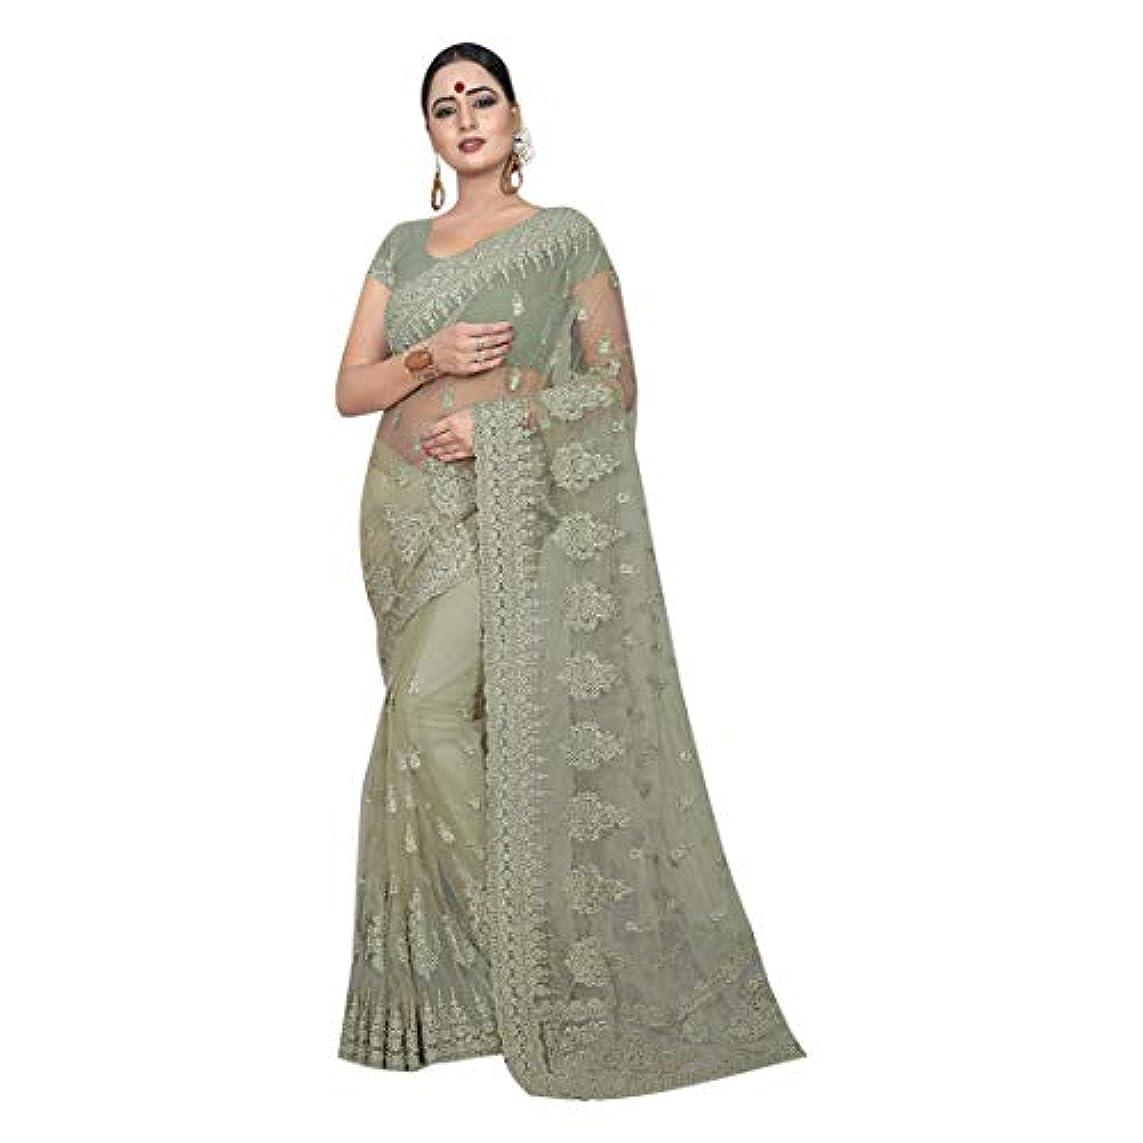 忌まわしいワックスばかげているIndian Net Saree カクテルファンシーネットデザイナースレッド刺繍作業サリーブラウス女性パーティーウェアサリーチョリ 8511